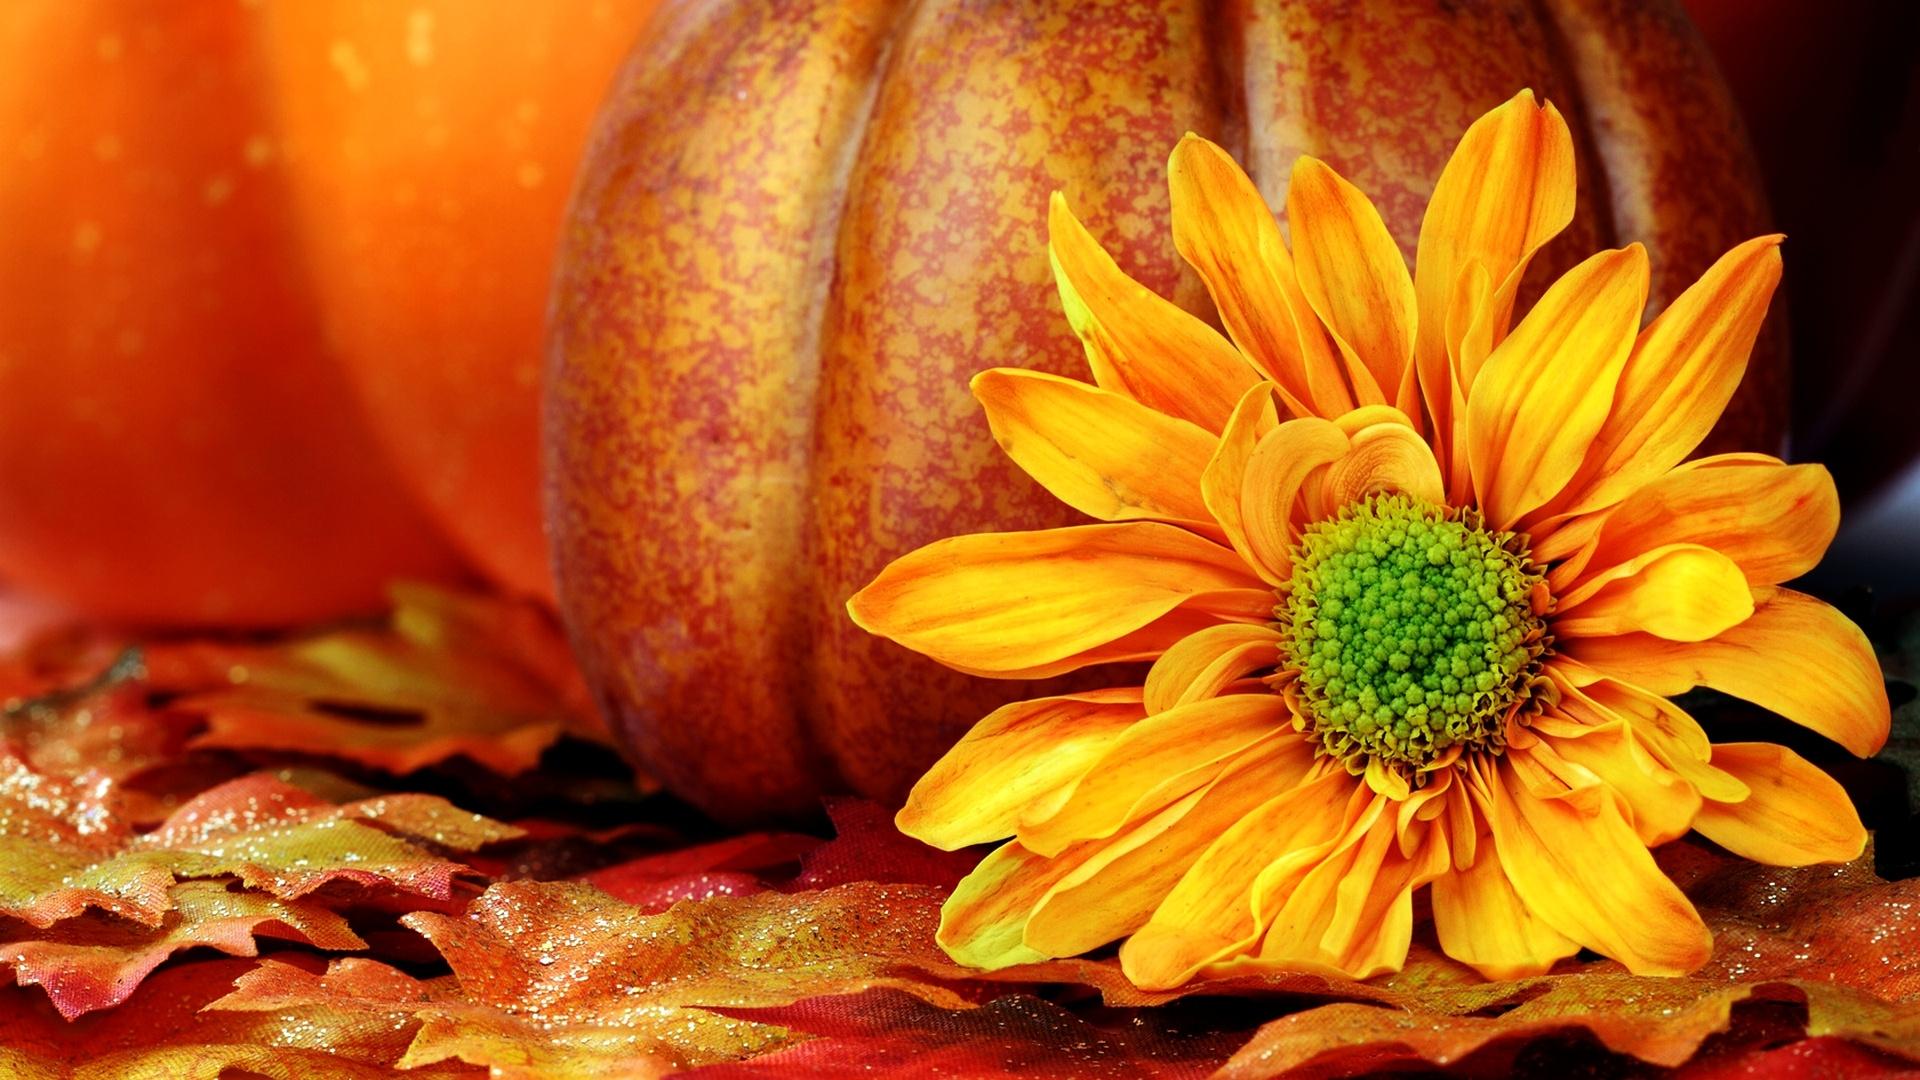 Pumpkin Wallpaper 25774 1920x1080px 1920x1080